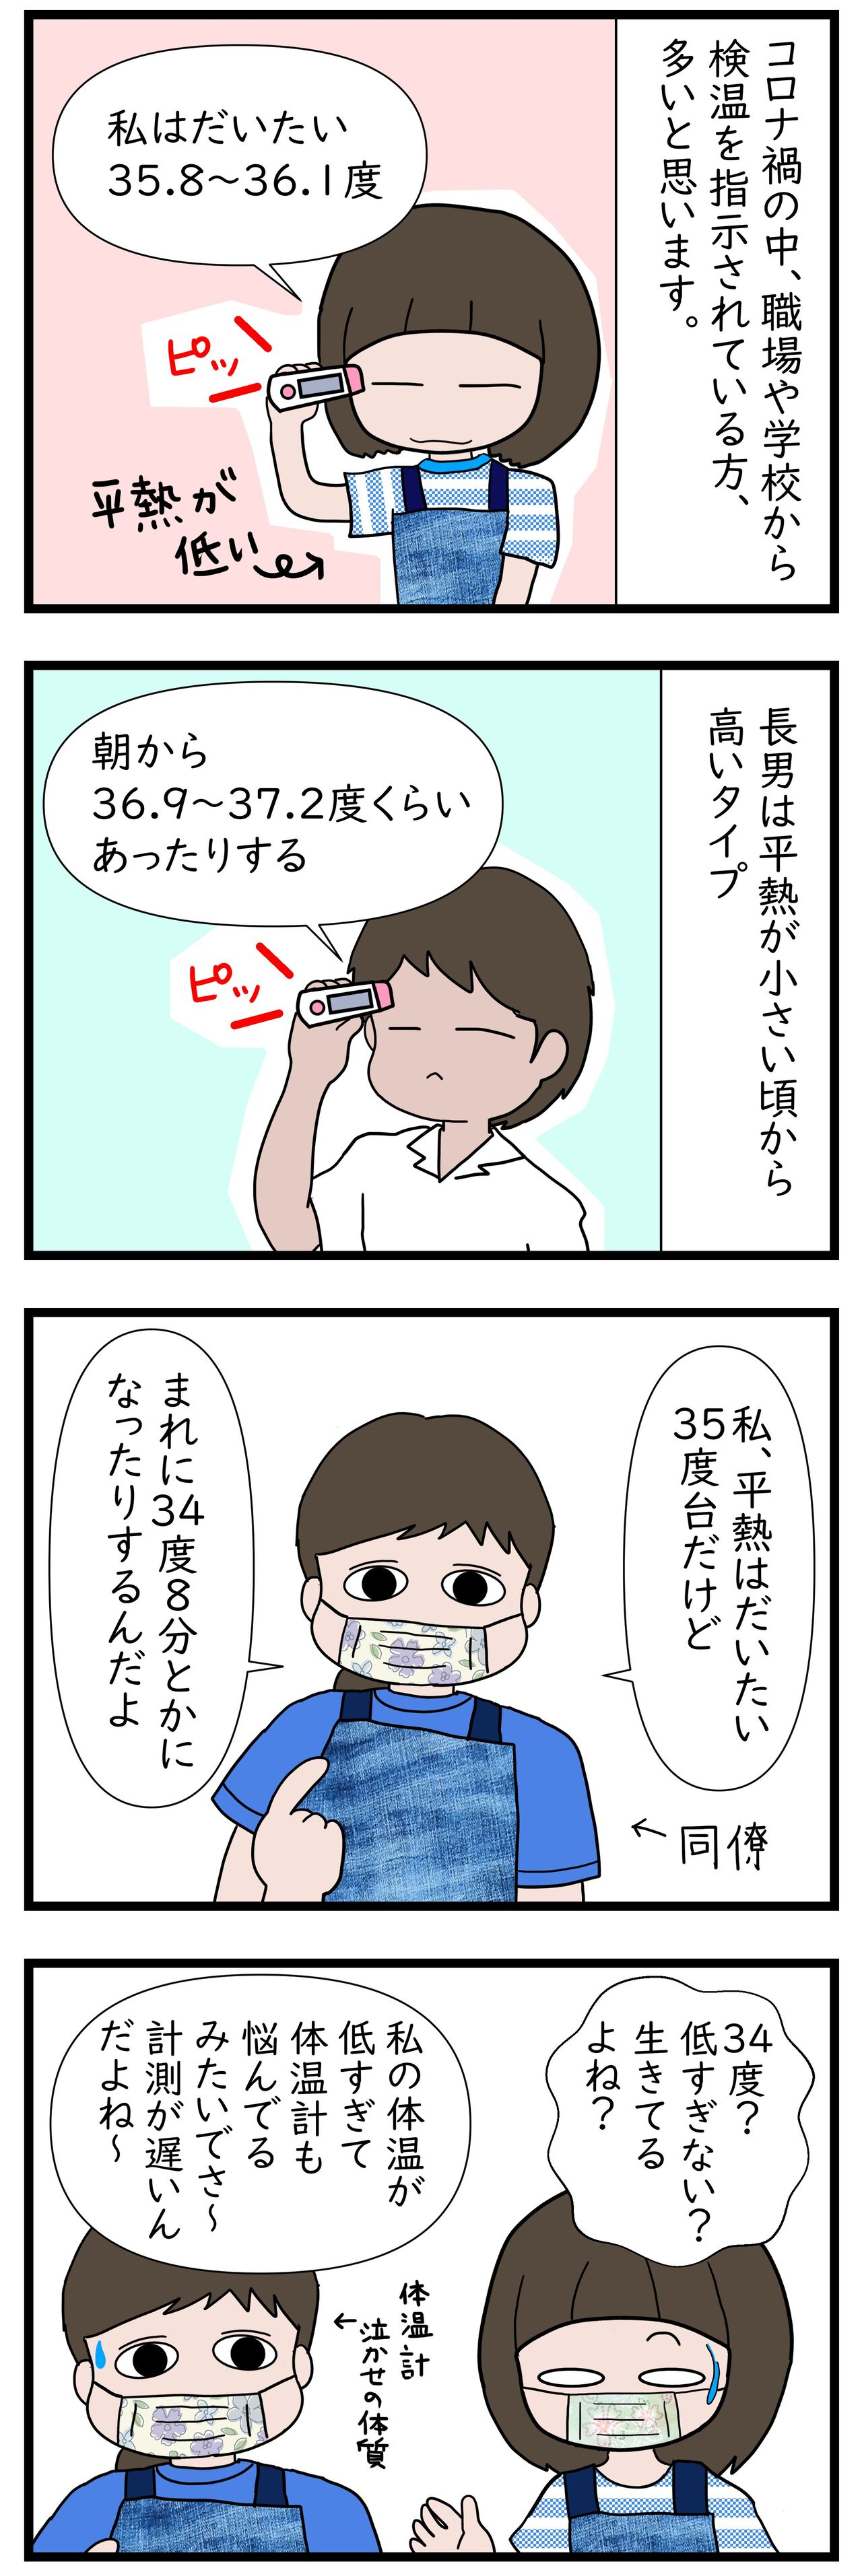 タイミング 検温